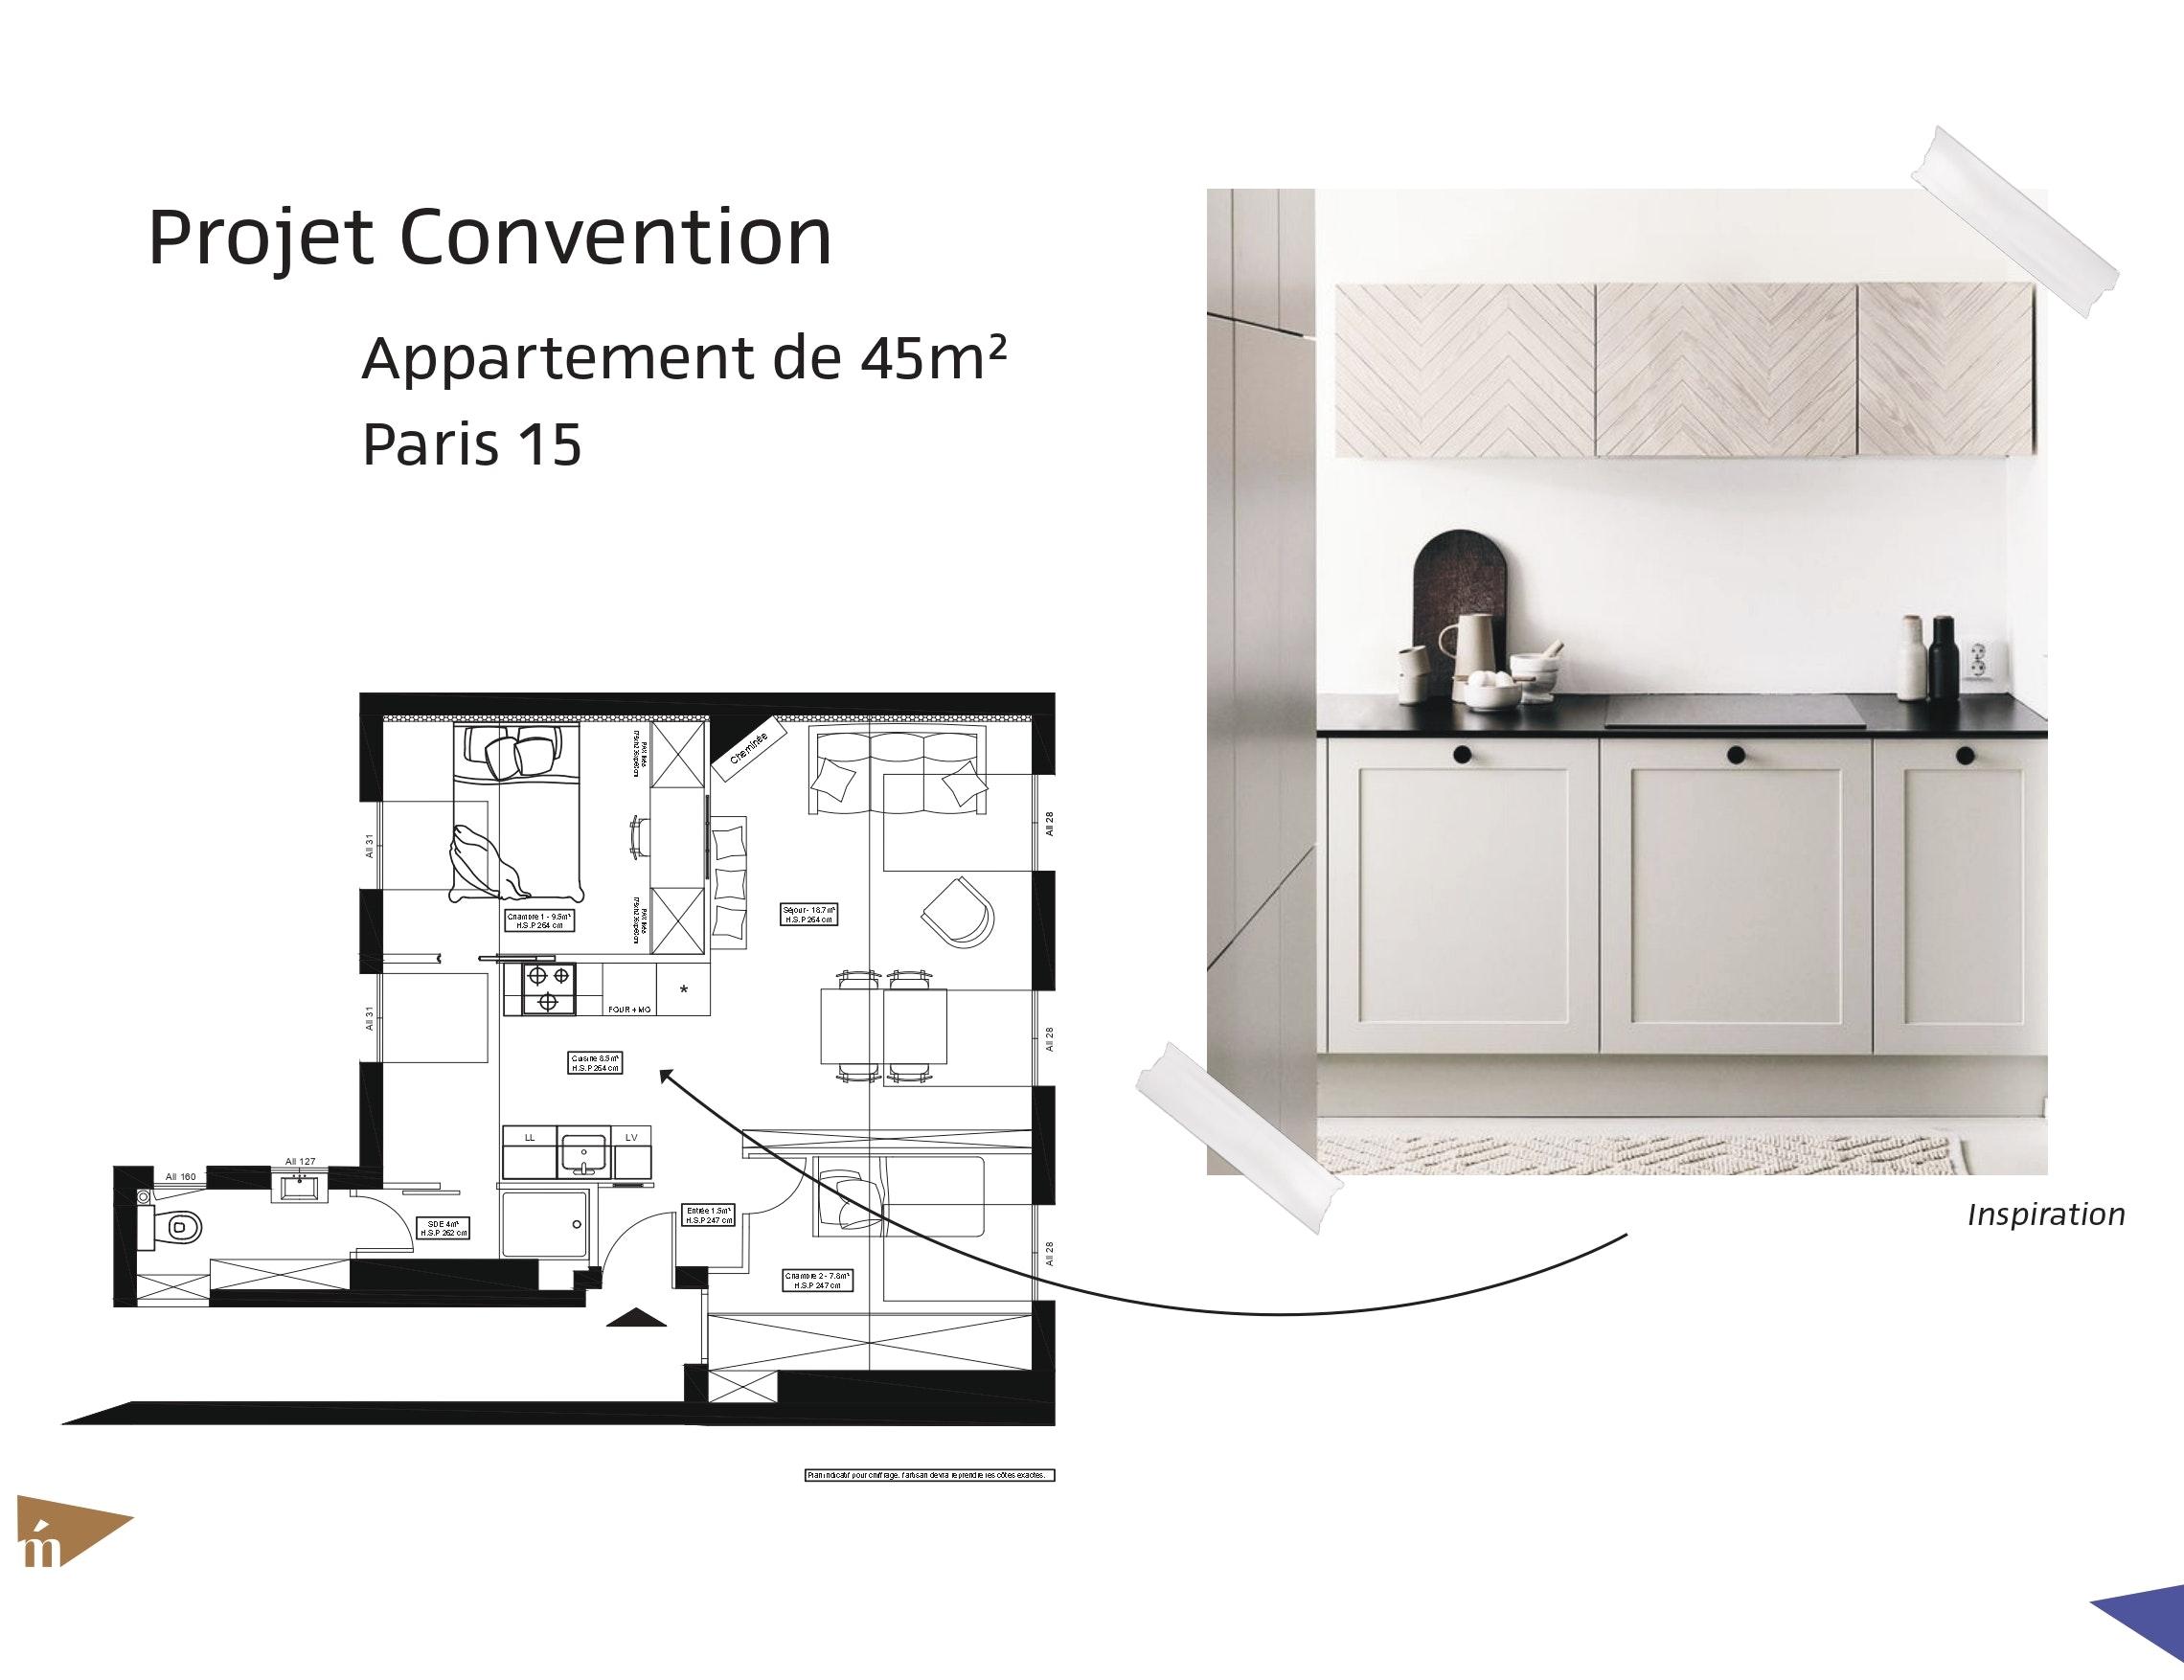 photo Projet Convention - Appartement 45 m² - Paris 15 Léa Mast - Architecte hemea